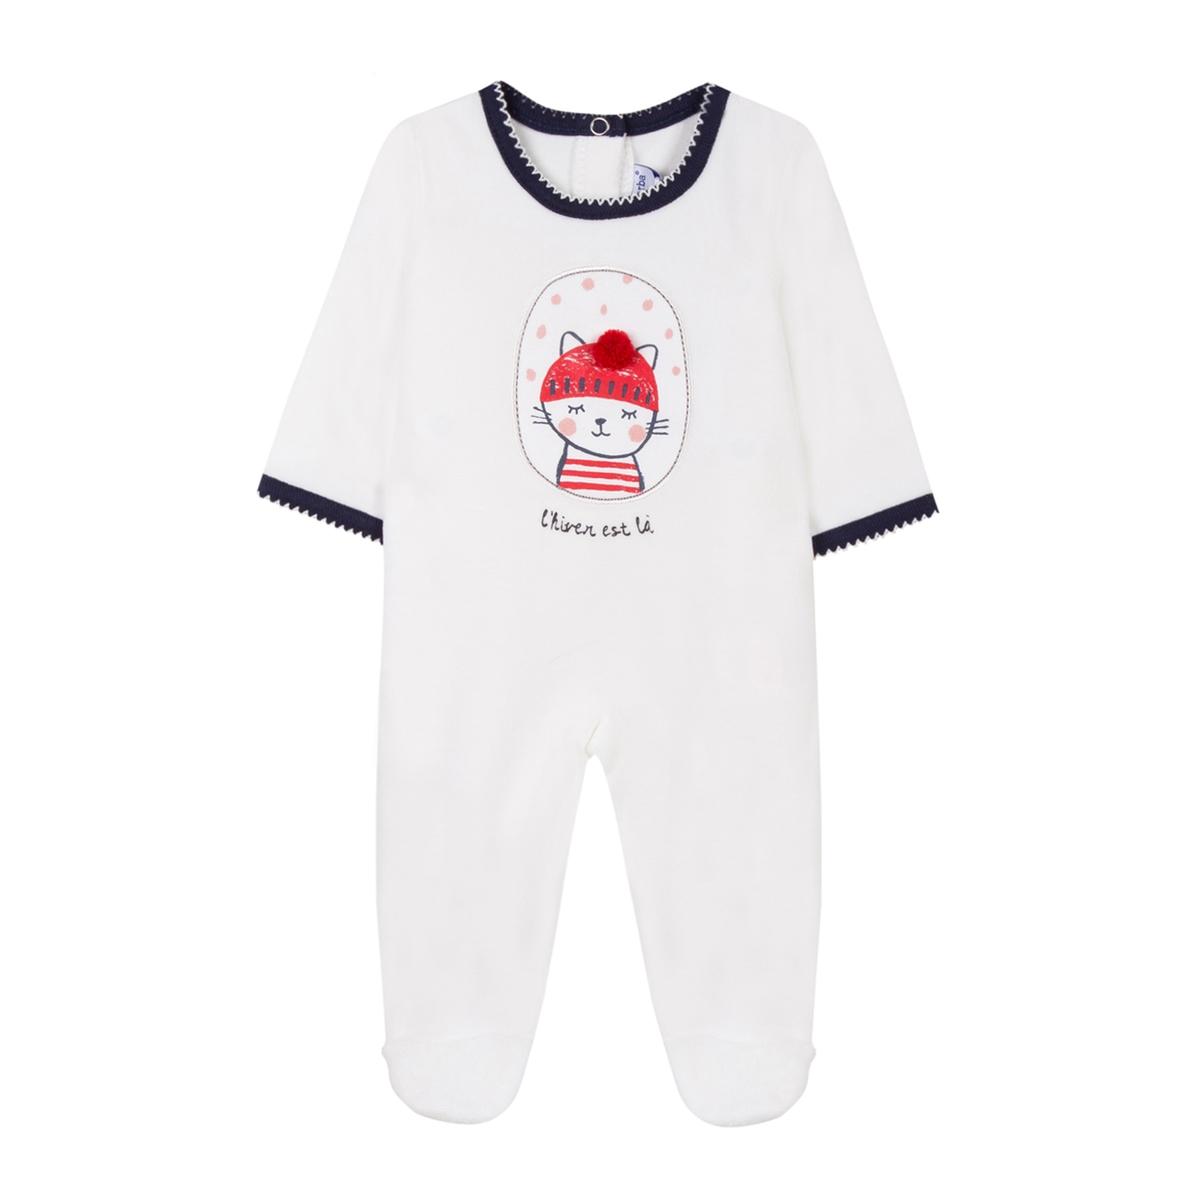 Пижама из велюра 3 мес - 18 мес зимняя детская одежда для девочек теплые мальчики rompers 3 6 9 18 месяцев пижама костюм для малышей детский комбинезон весенняя